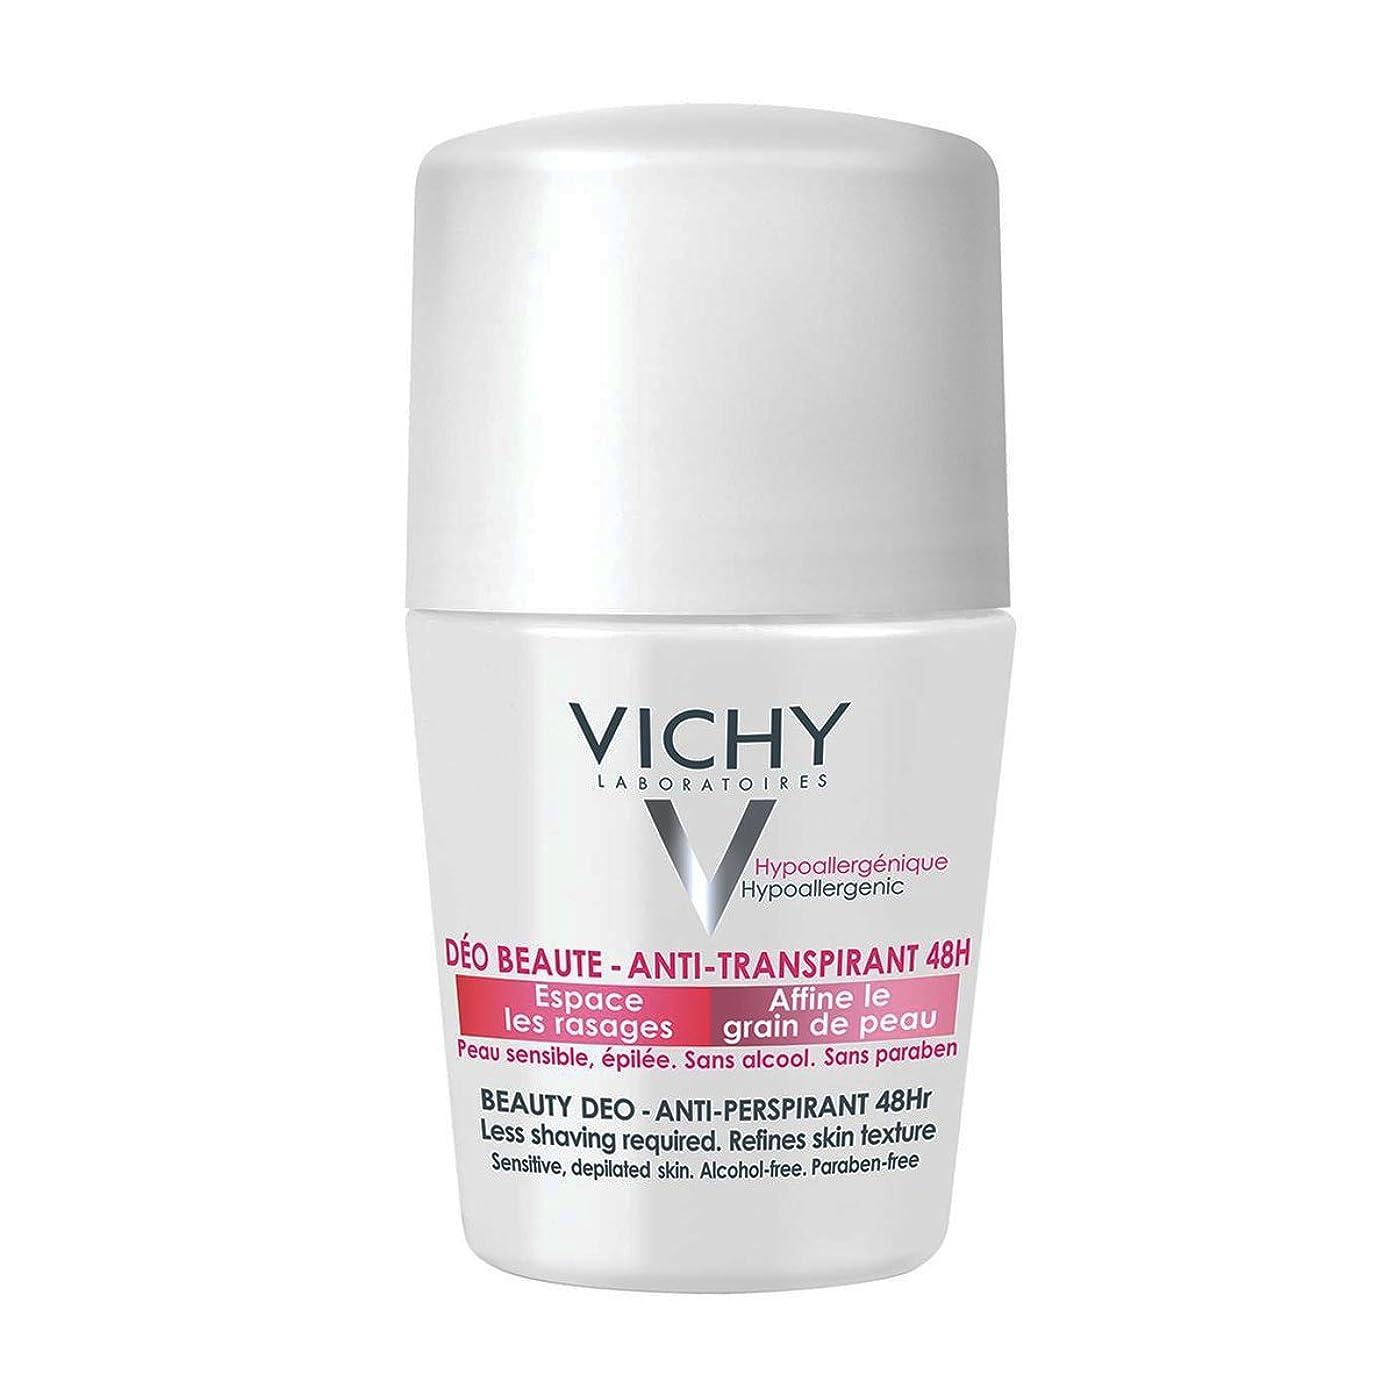 偽装する喉頭反発Vichy Deodorant 48h Sensitive Or Shaved Skin 50ml [並行輸入品]